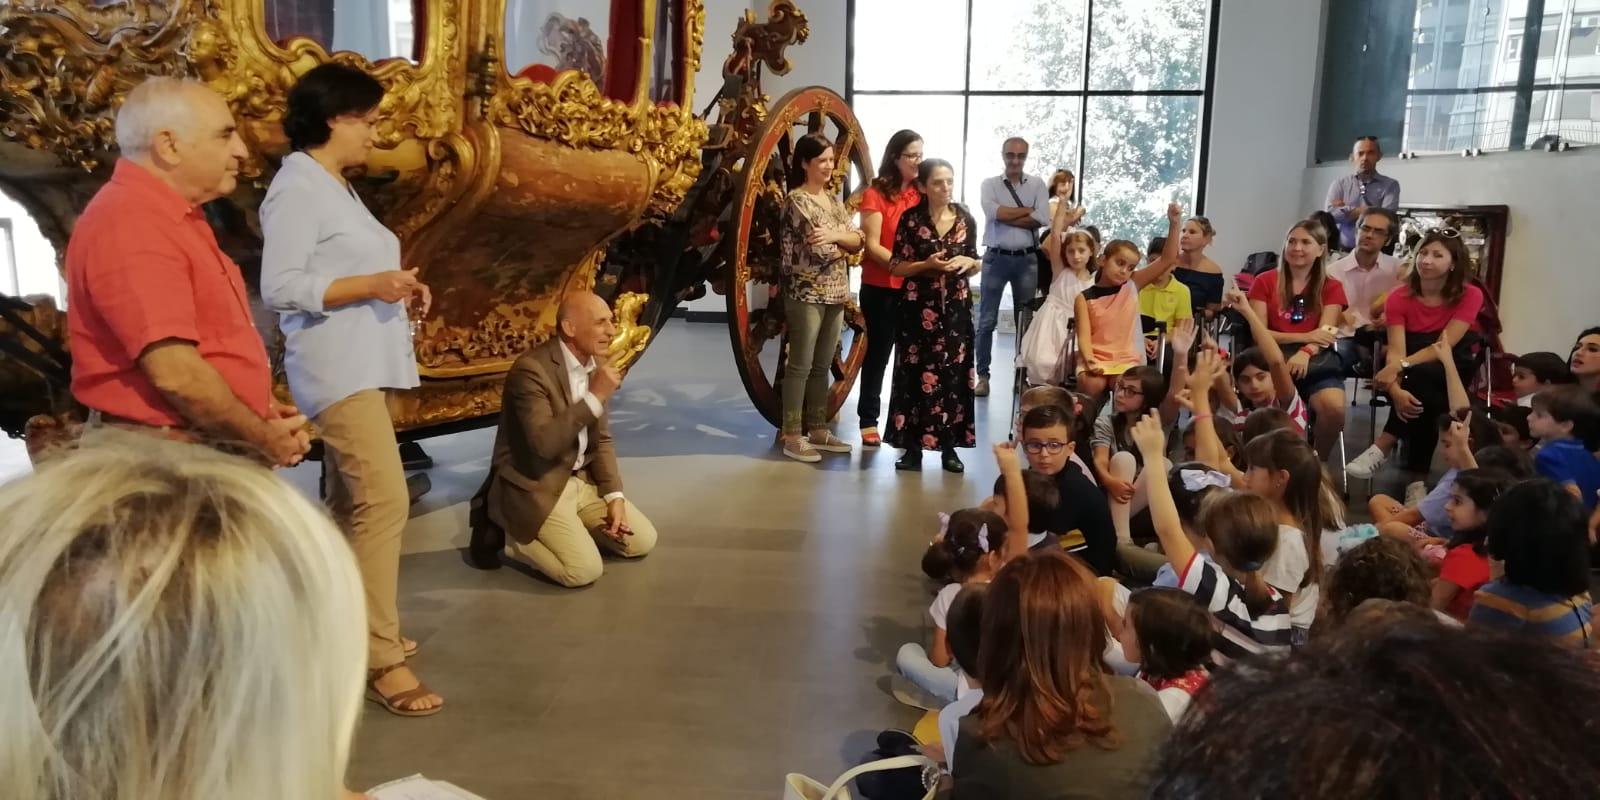 Micali (al centro inginocchiato) in un evento al MuMe dedicato ai bambini